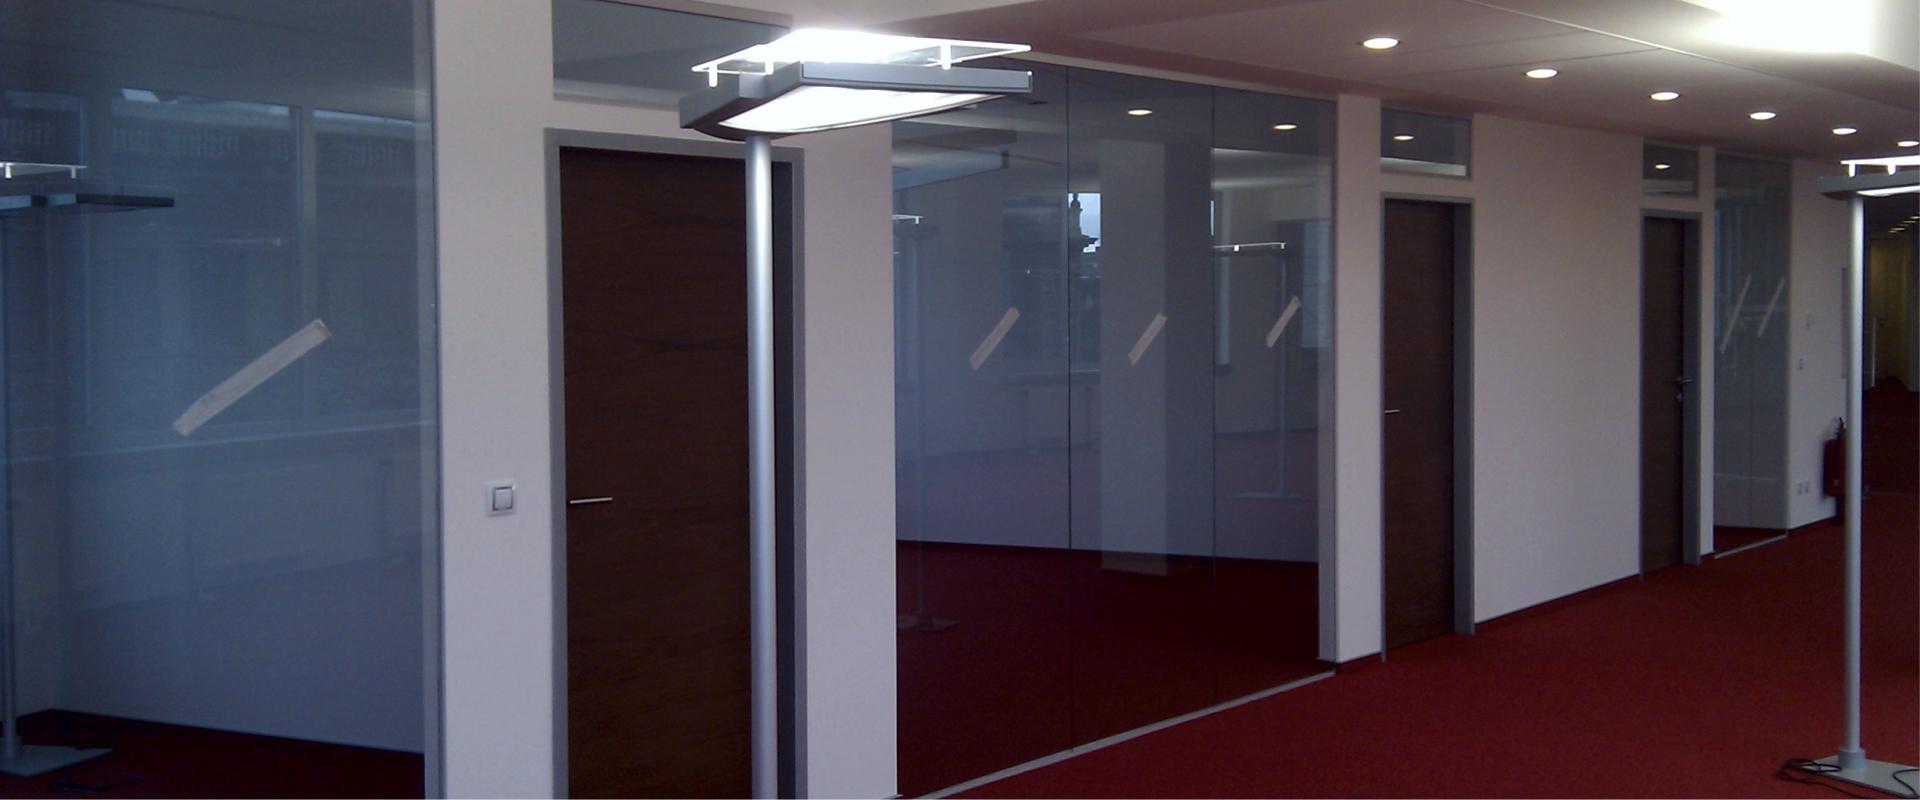 Rekonstrukce kanceláří a open space